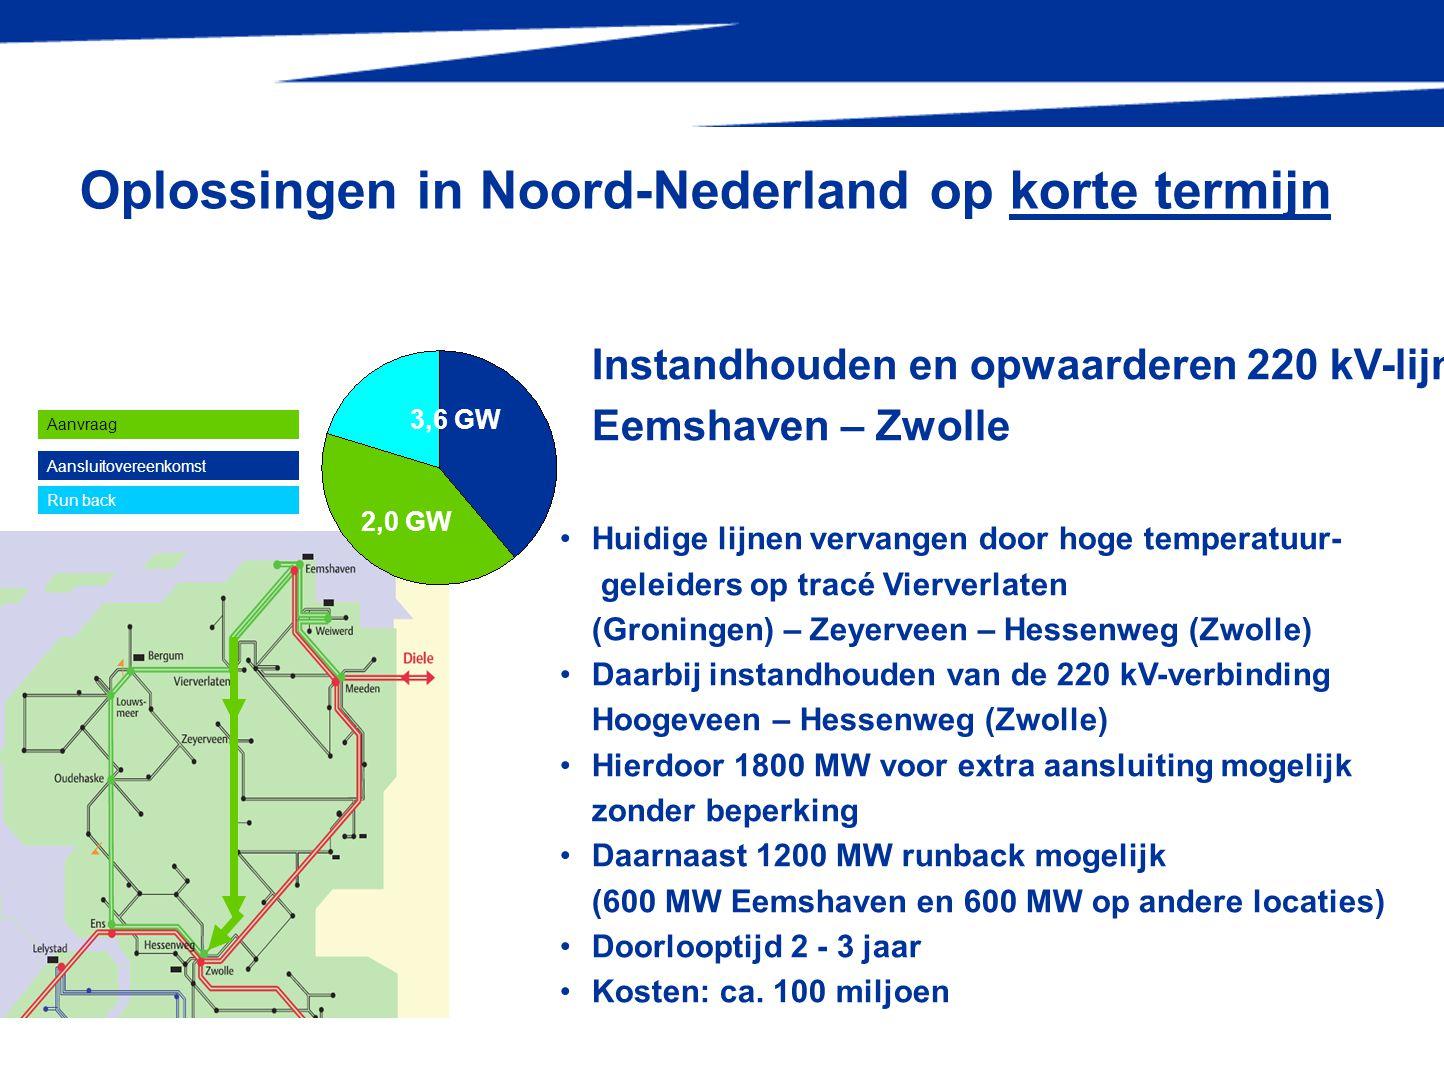 9 Hooge veen Oplossingen in Noord-Nederland op korte termijn 2,0 GW 3,6 GW Instandhouden en opwaarderen 220 kV-lijn Eemshaven – Zwolle •Huidige lijnen vervangen door hoge temperatuur- geleiders op tracé Vierverlaten (Groningen) – Zeyerveen – Hessenweg (Zwolle) •Daarbij instandhouden van de 220 kV-verbinding Hoogeveen – Hessenweg (Zwolle) •Hierdoor 1800 MW voor extra aansluiting mogelijk zonder beperking •Daarnaast 1200 MW runback mogelijk (600 MW Eemshaven en 600 MW op andere locaties) •Doorlooptijd 2 - 3 jaar •Kosten: ca.